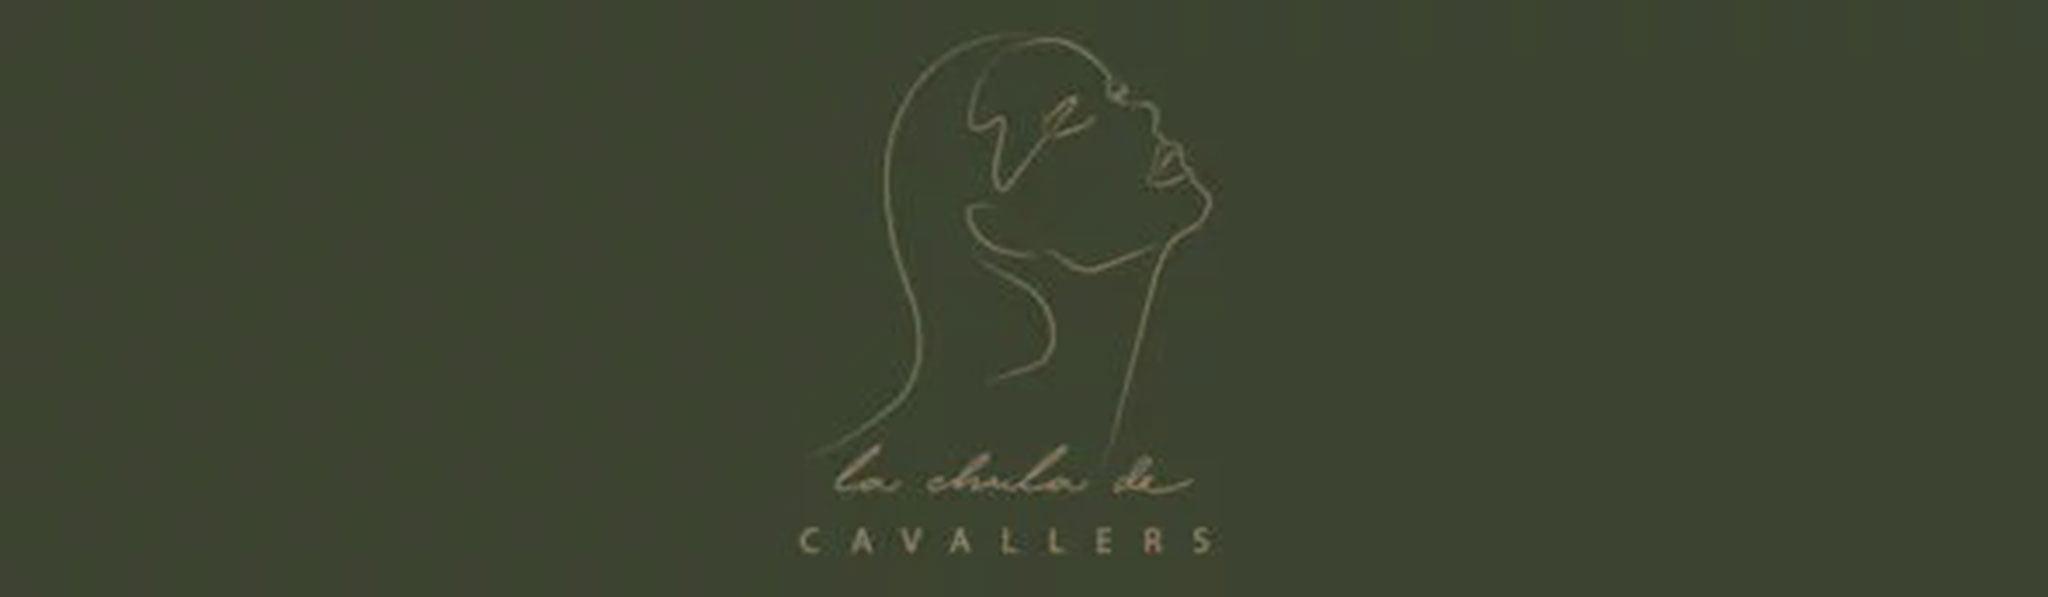 Logotipo de La Chula de Cavallers